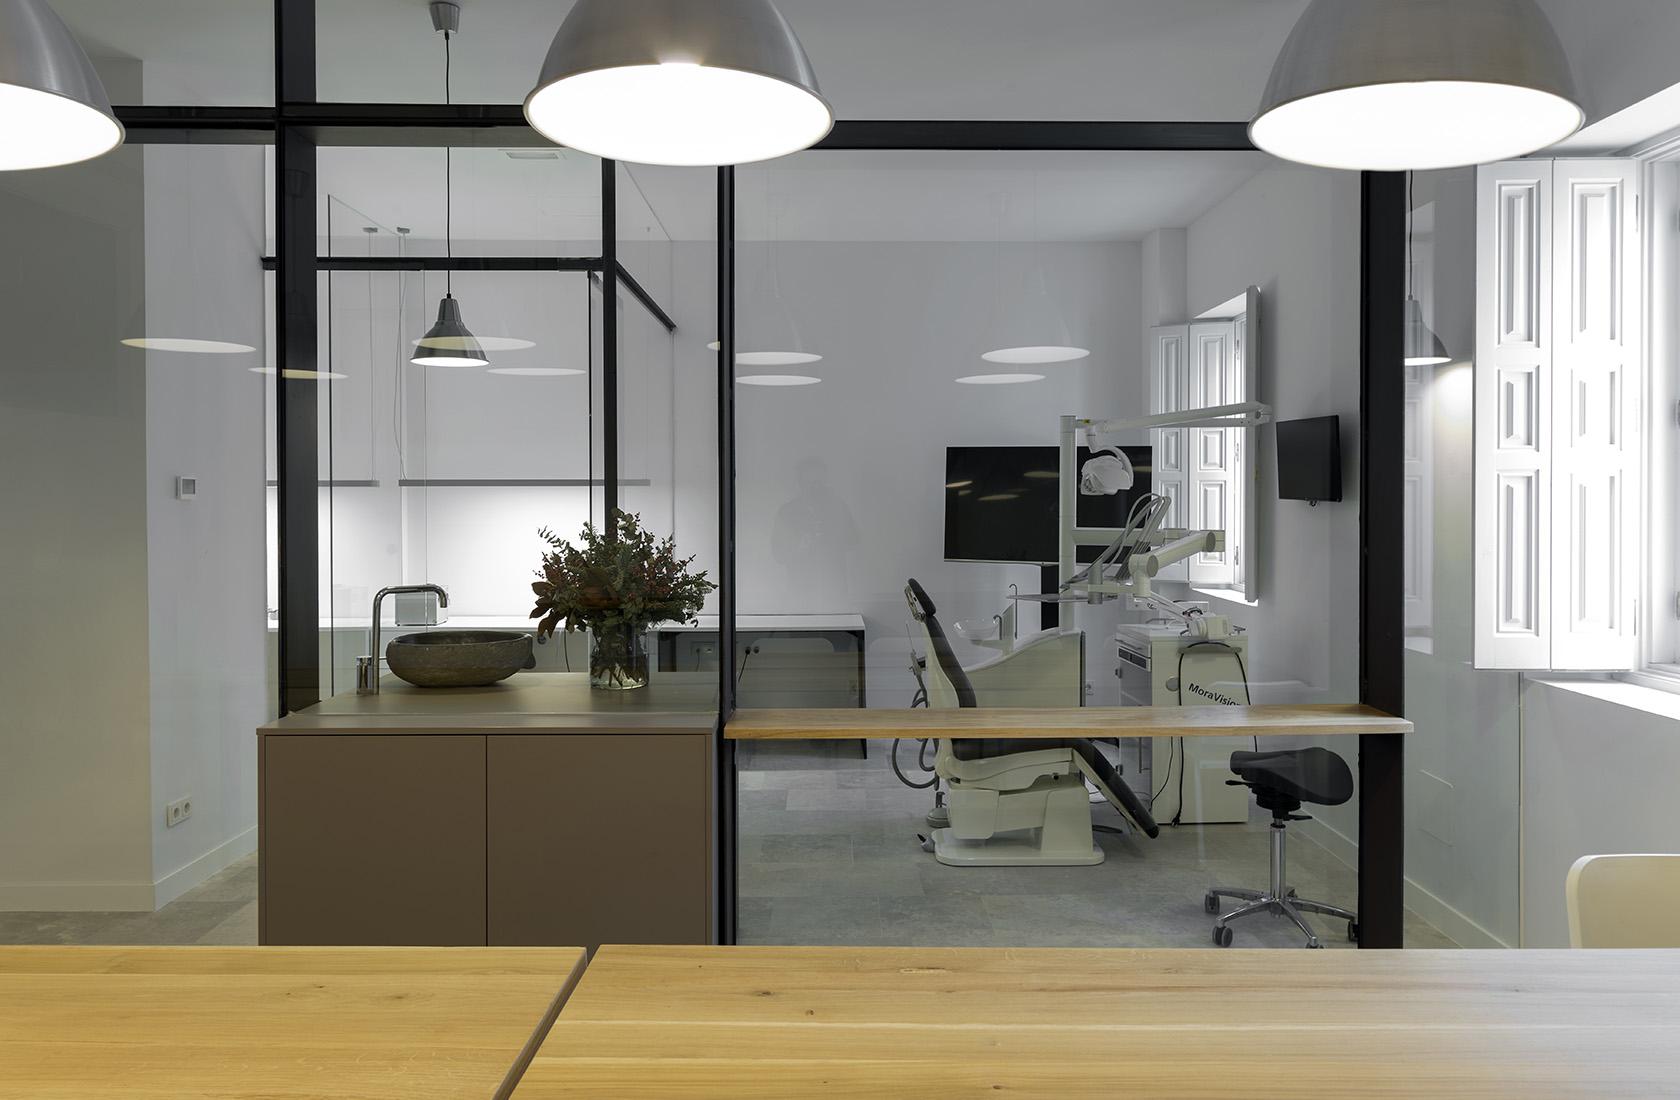 Vista general del gabinete reformado en Atelier Dental González-Solano